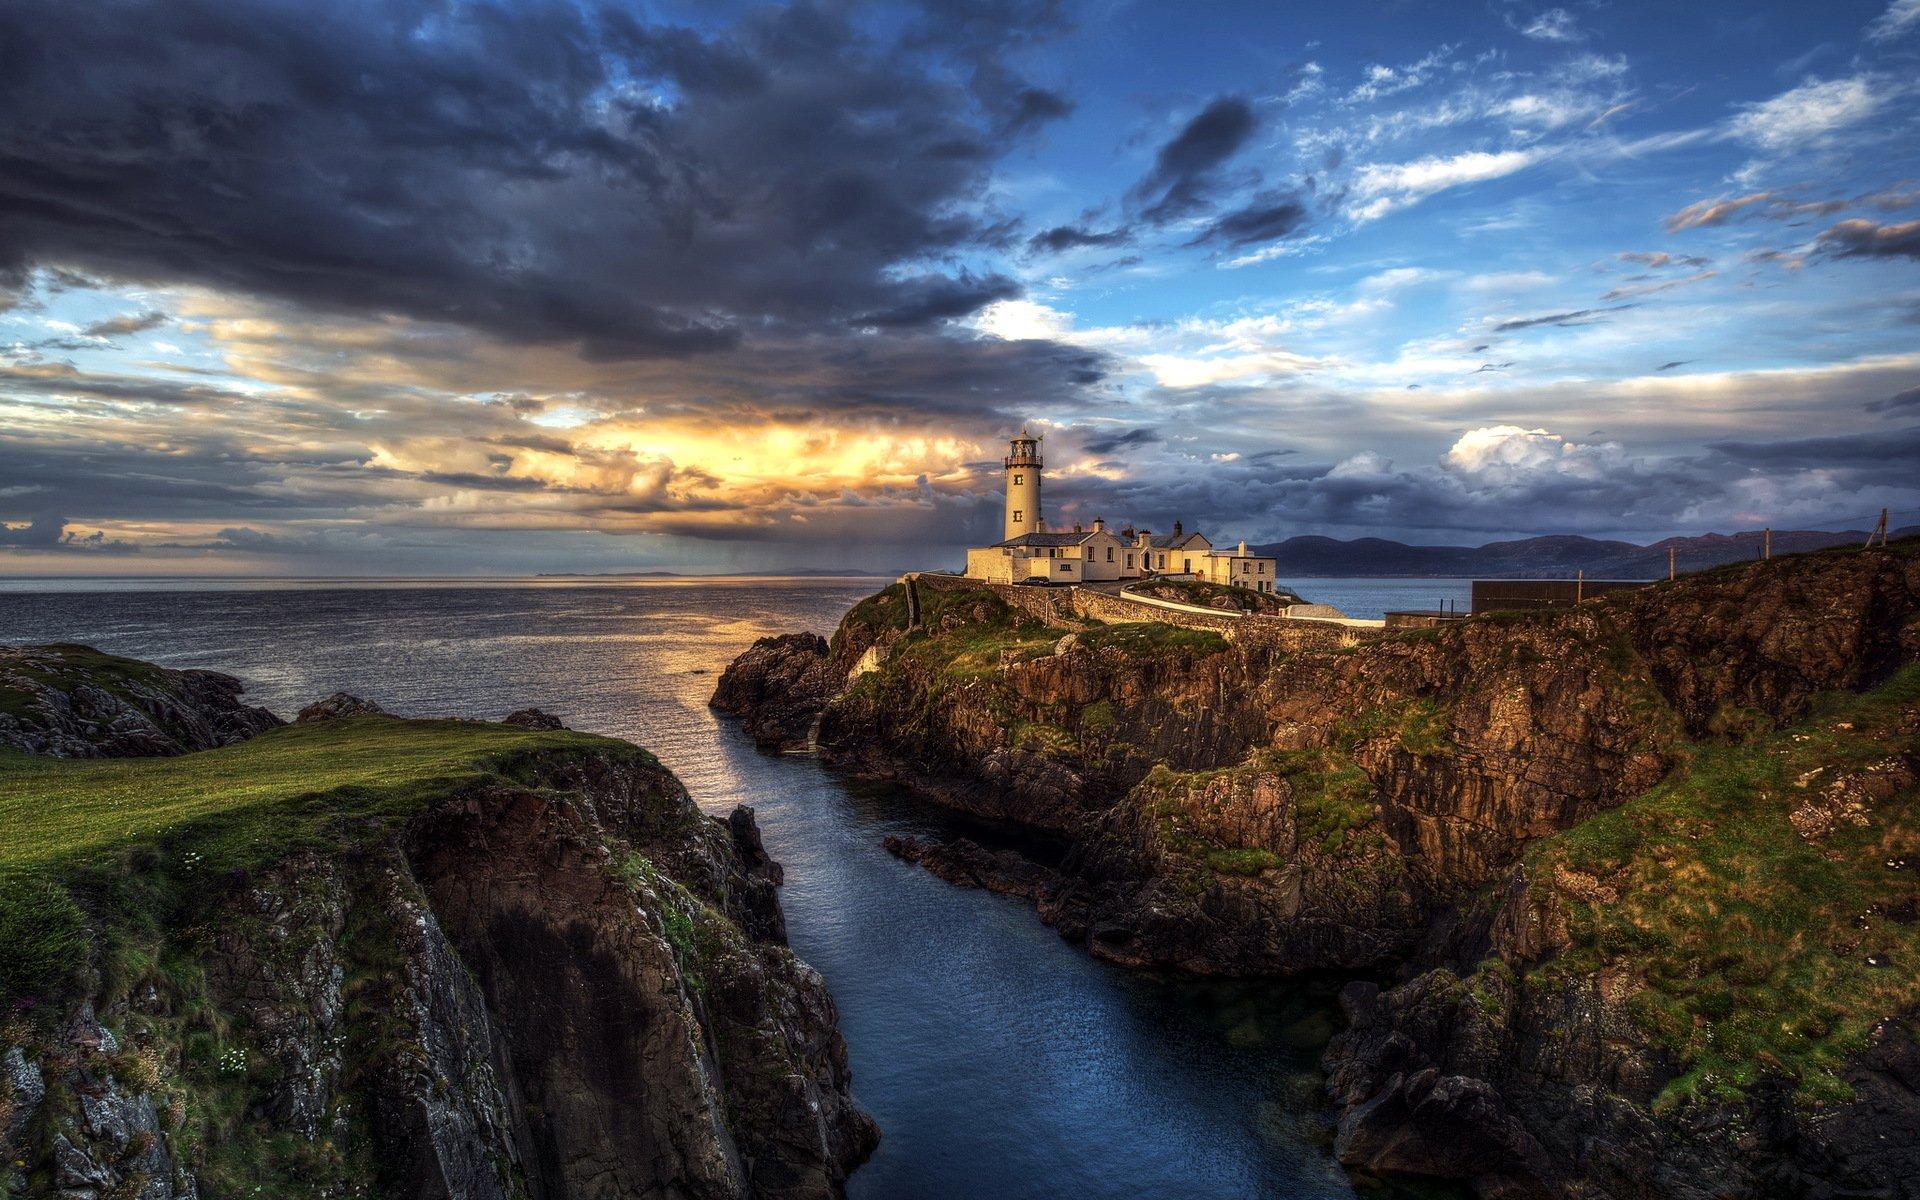 весу они фото пейзажей ирландии популярной идеей являются